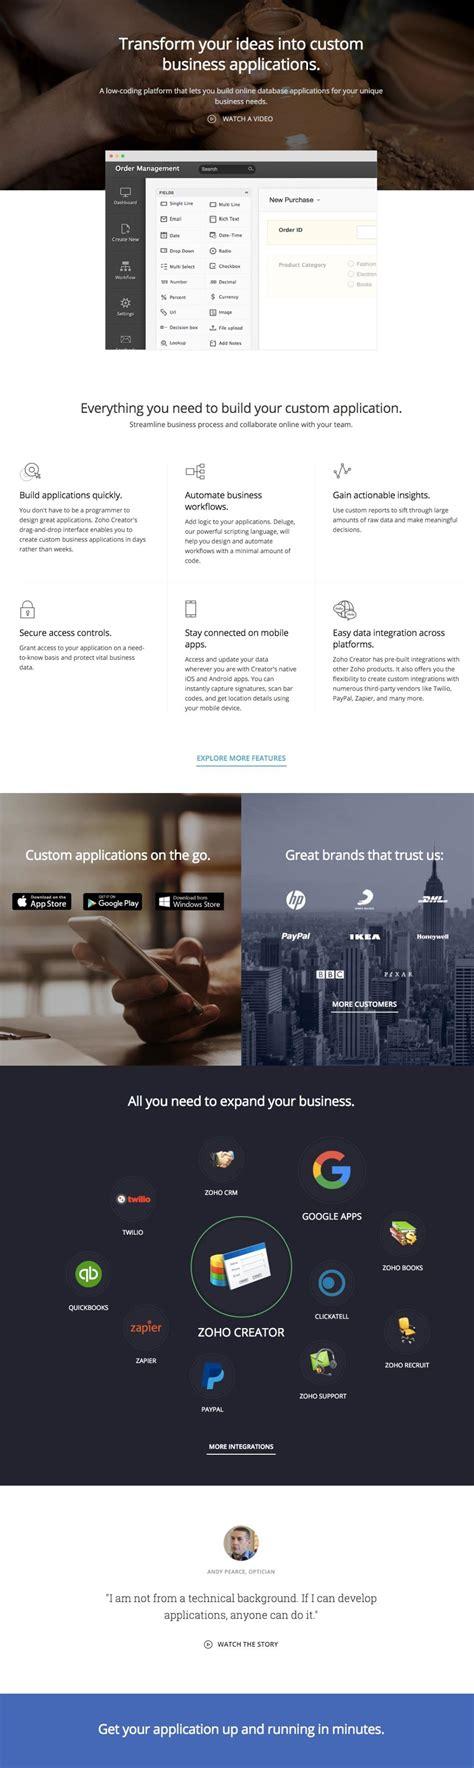 zoho creator templates zoho creator templates gallery template design ideas